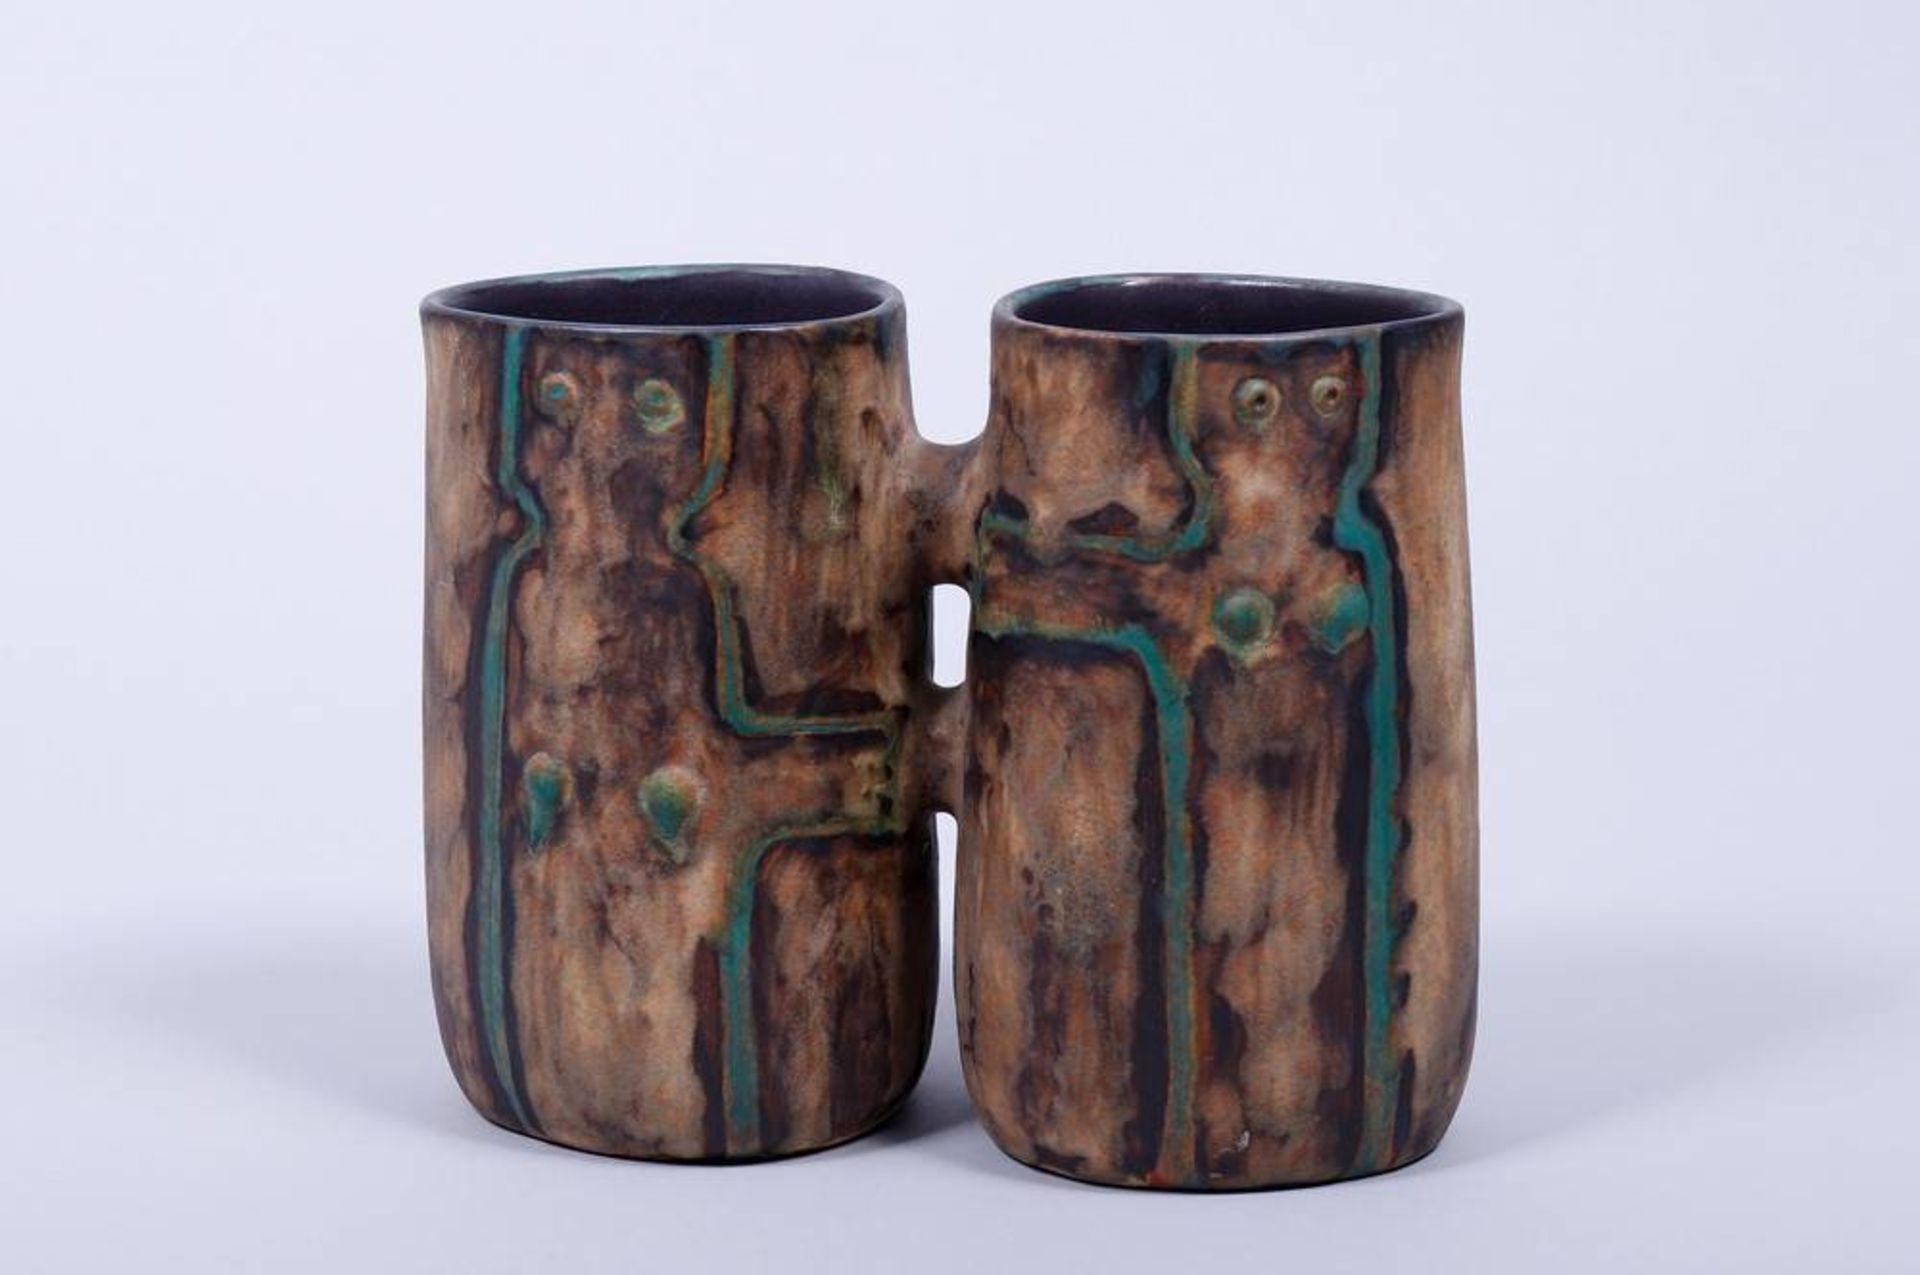 Doppel-Vase, Entwurf Eva Fritz-Lindner (1933-2017) für Staatliche Majolika Manufaktur Karlsruhe, - Bild 2 aus 3